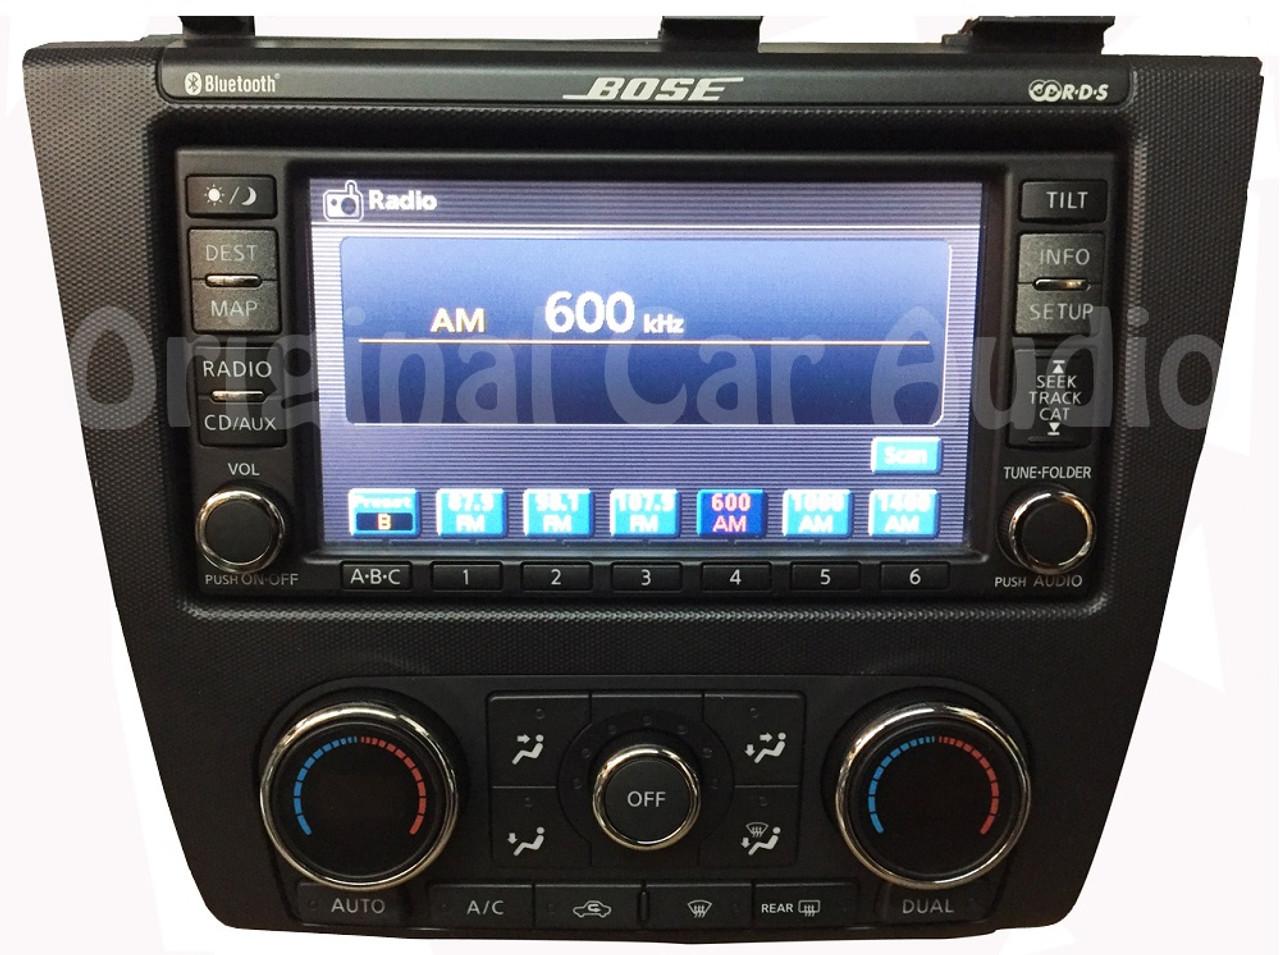 Nissan Navigation Touch Screen Bluetooth BOSE 6 CD Changer